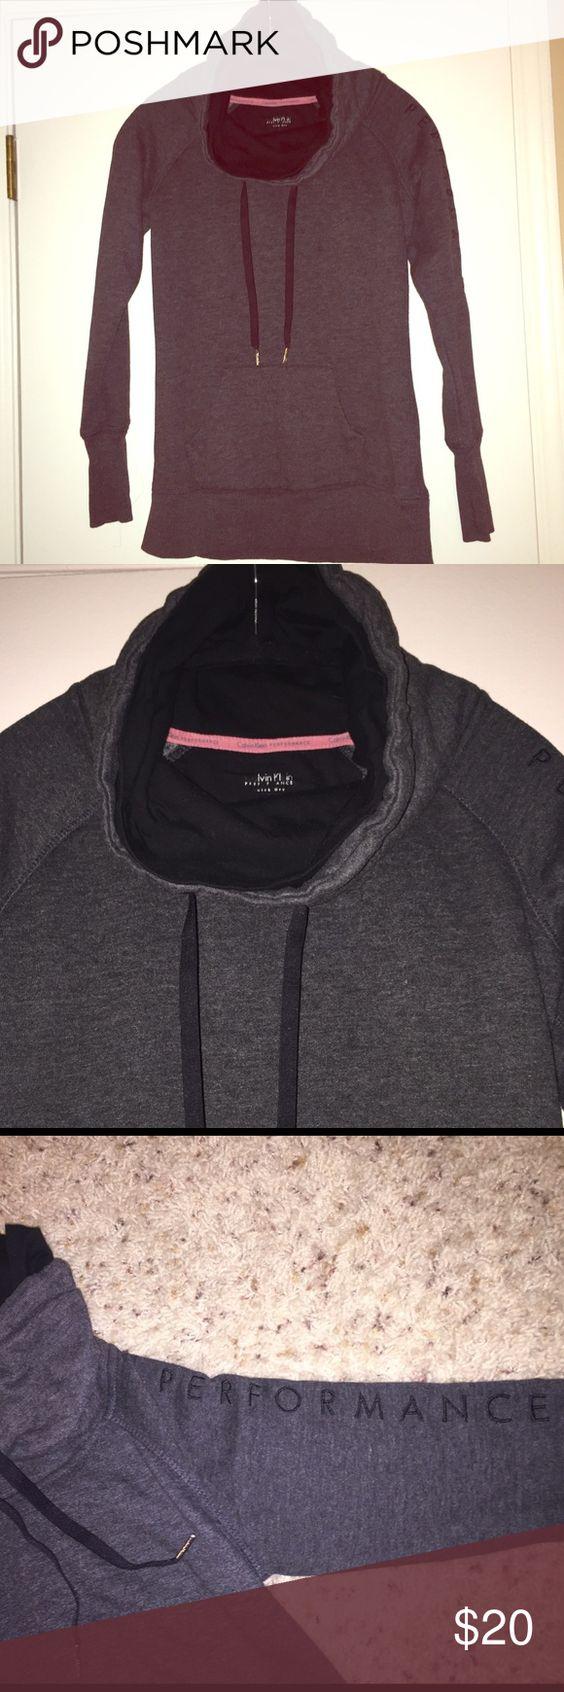 Clavin Klein performance sweatshirt Turtleneck sweatshirt Calvin Klein Tops Sweatshirts & Hoodies